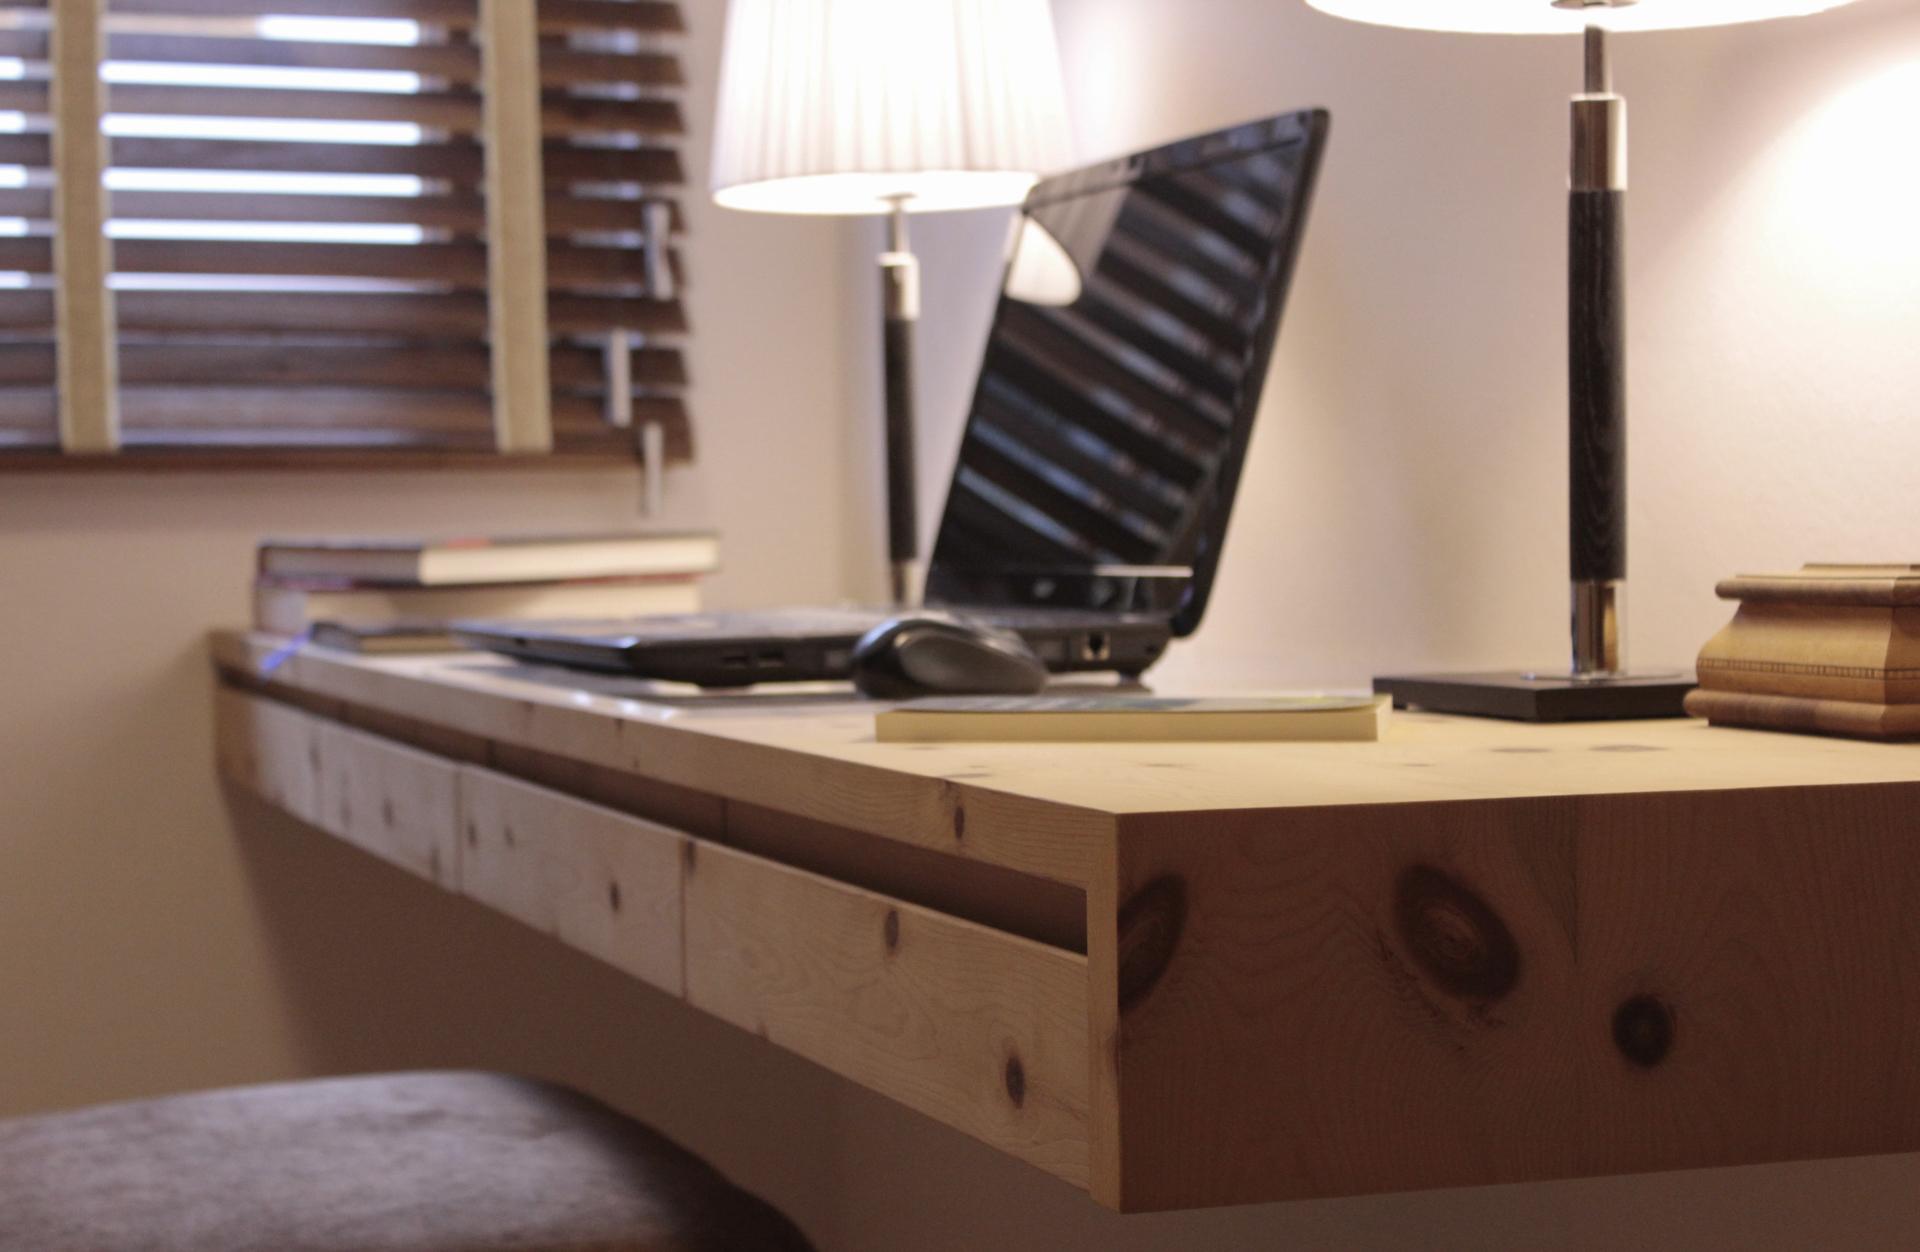 tischlerei-decker-wohnen-arbeitsraum-arbeitsbereich